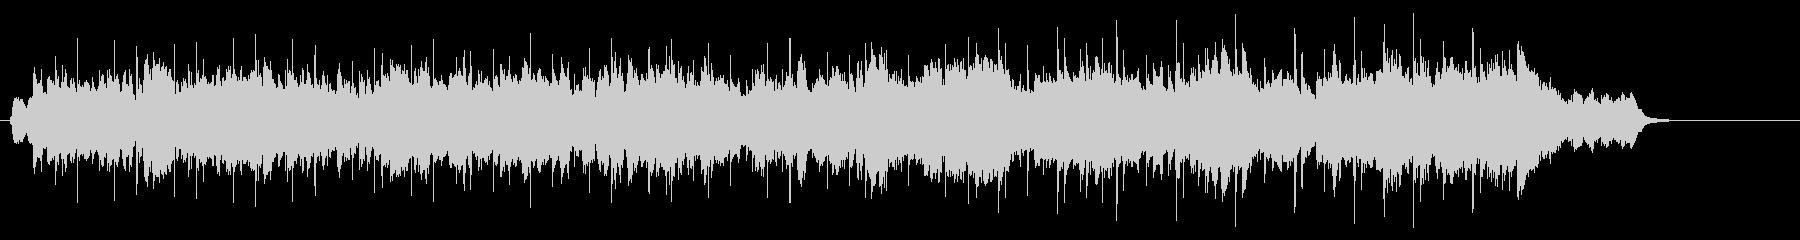 カレッジフォーク風、レポートB.G.Mの未再生の波形